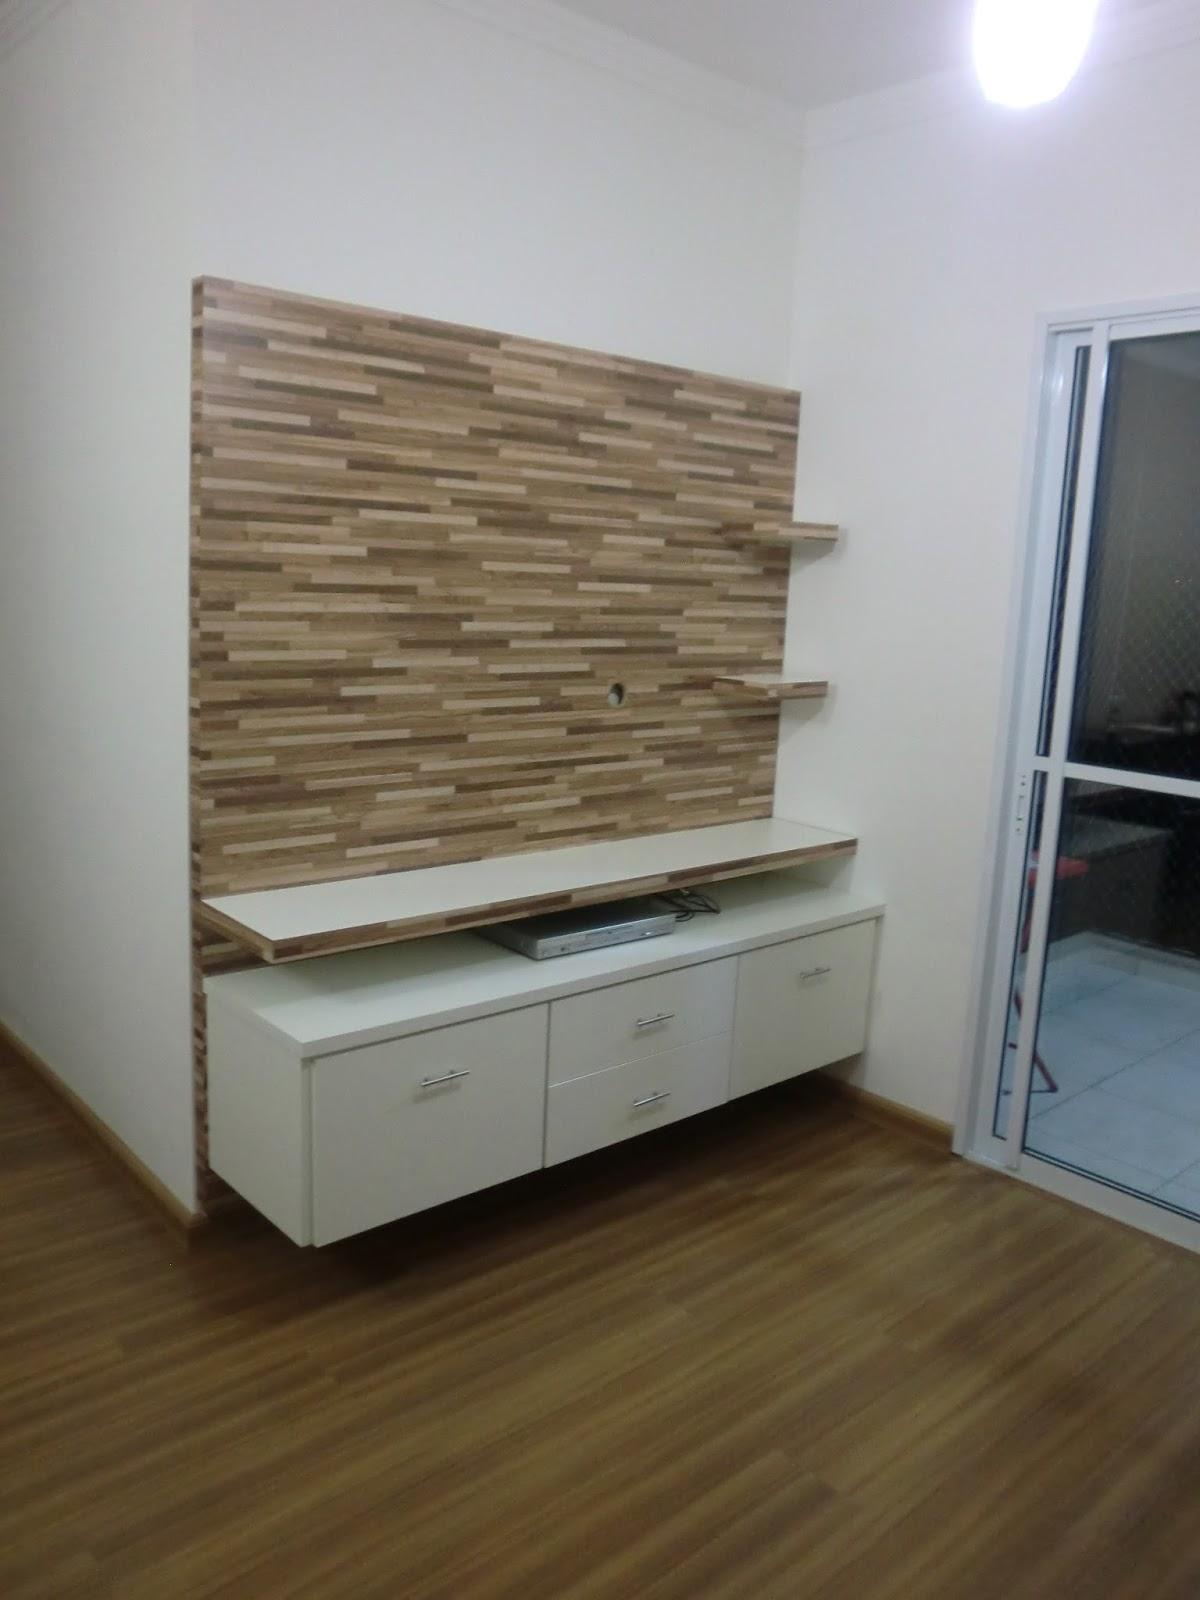 Casa e Reforma Visita Apartamento novo dos nossos amigos Casa e  #5C4B2D 1200 1600